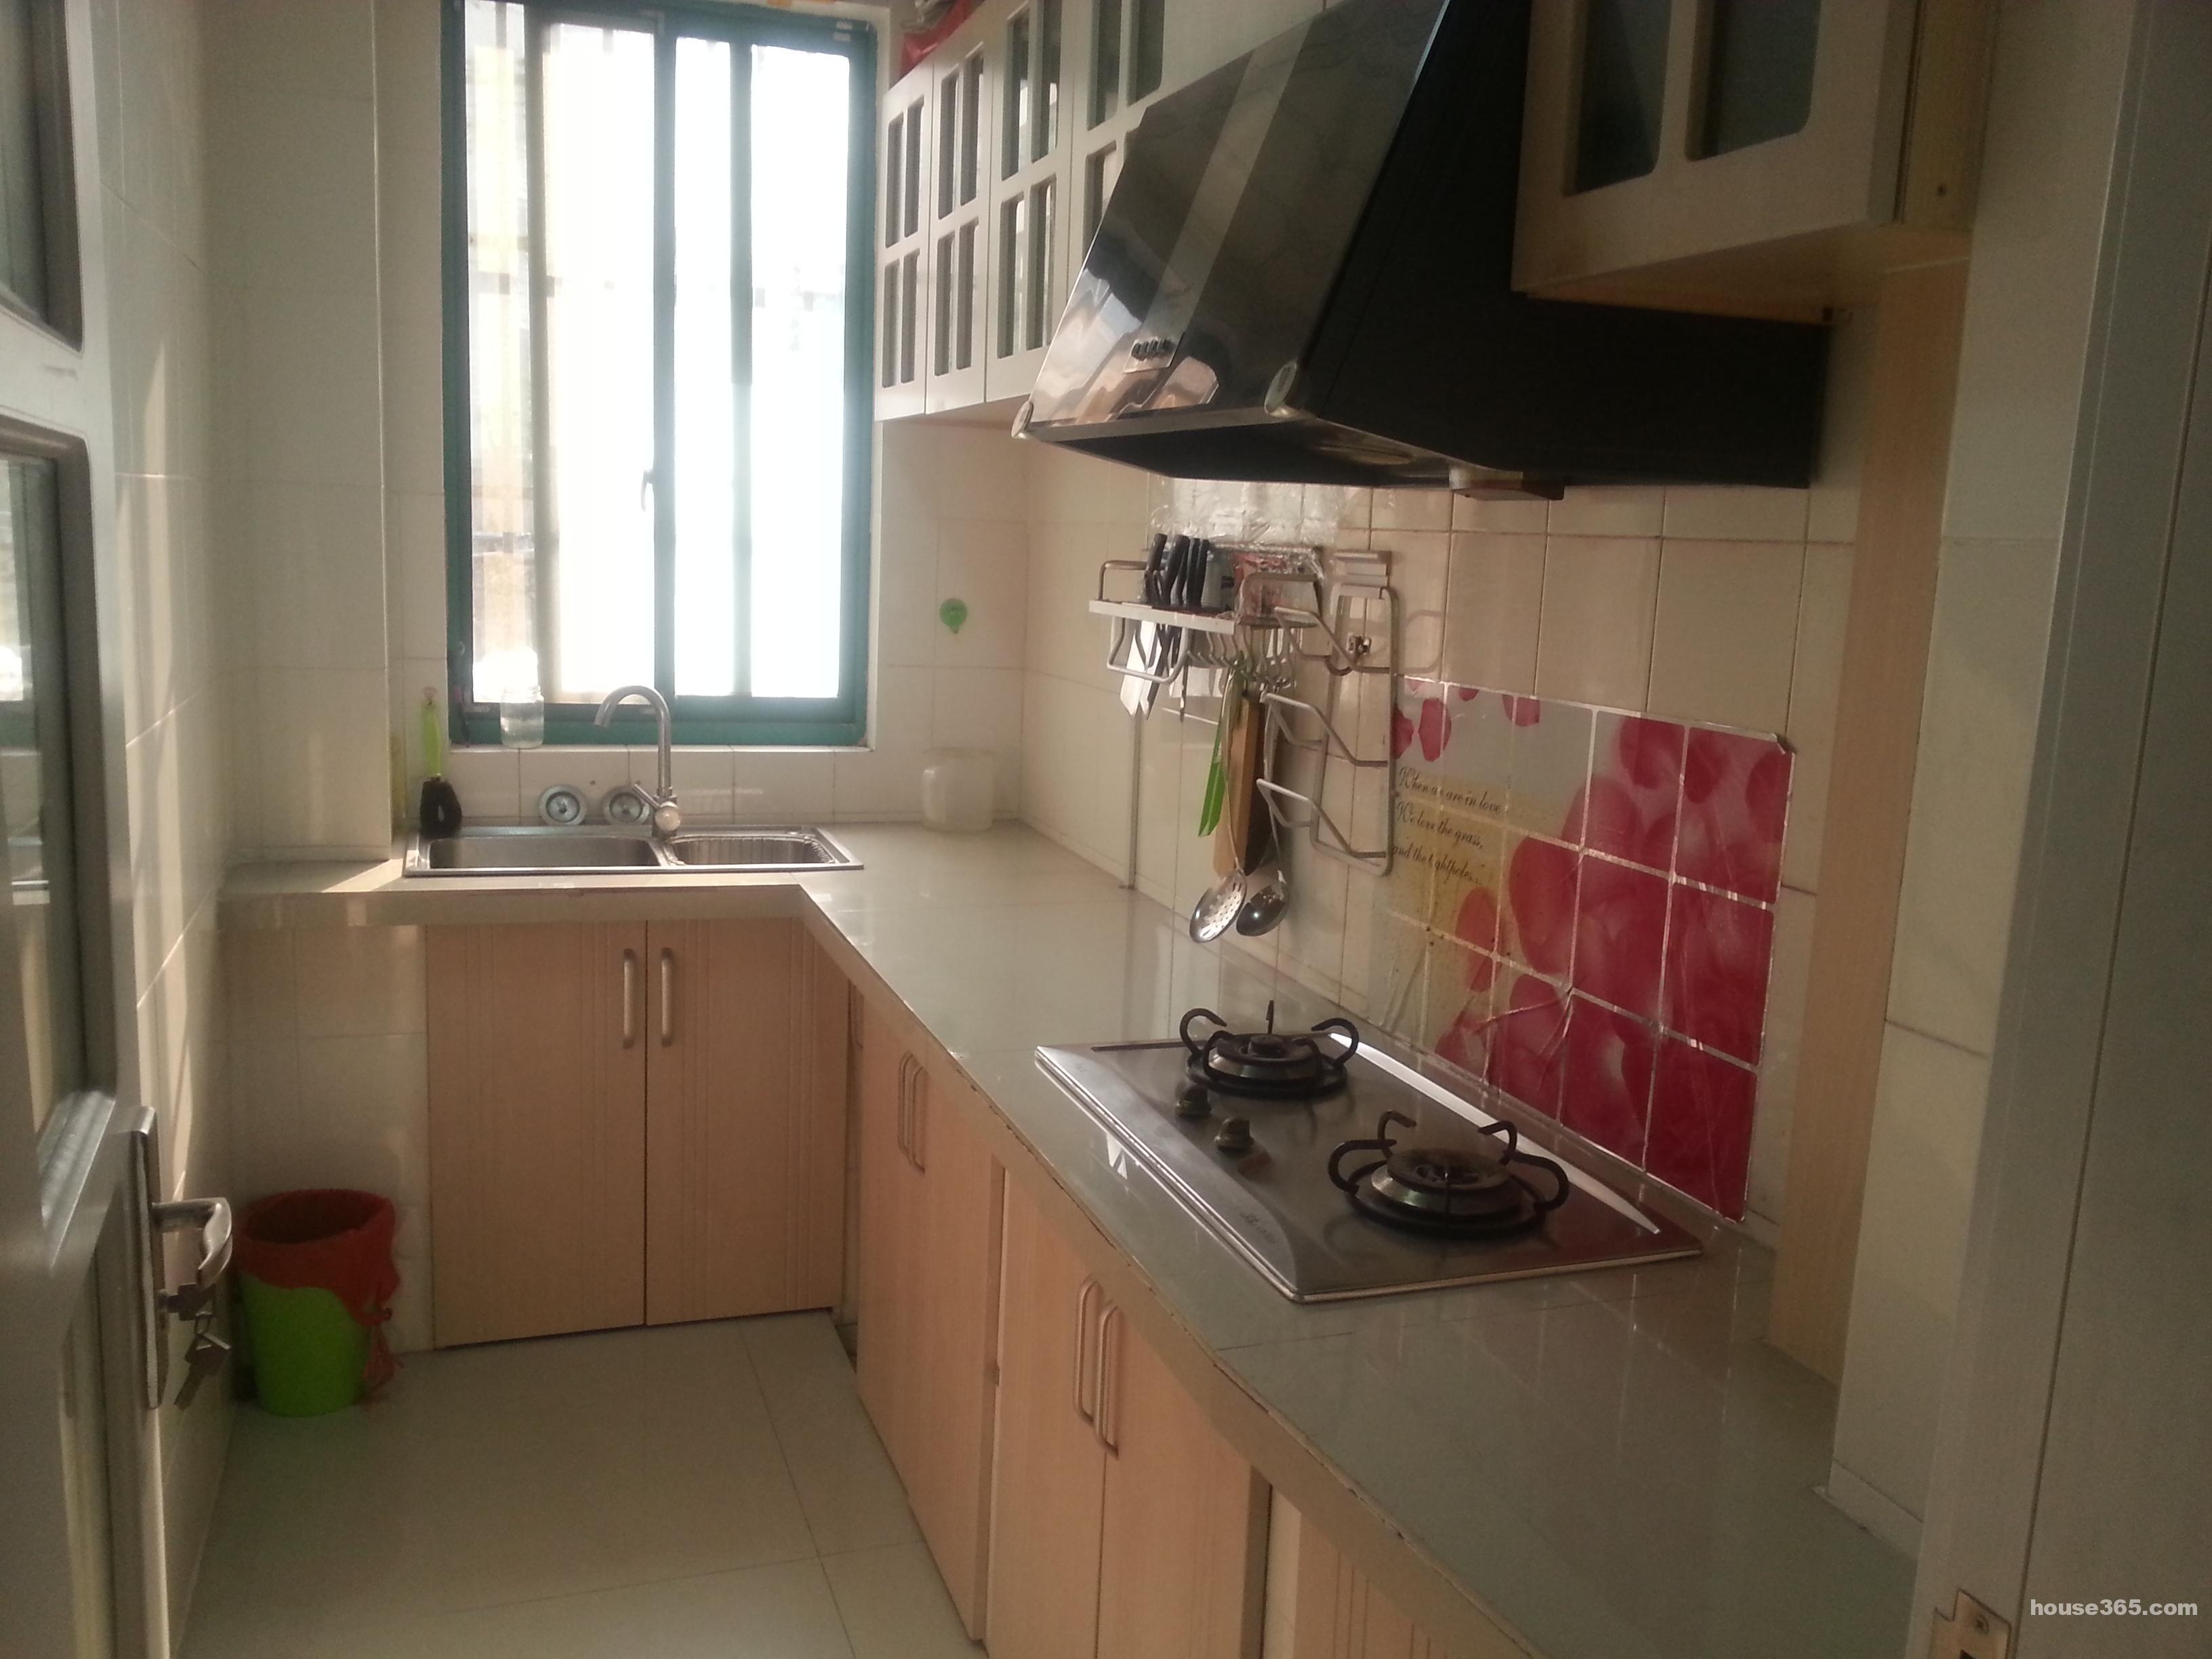 厨房 家居 起居室 设计 装修 3264_2448